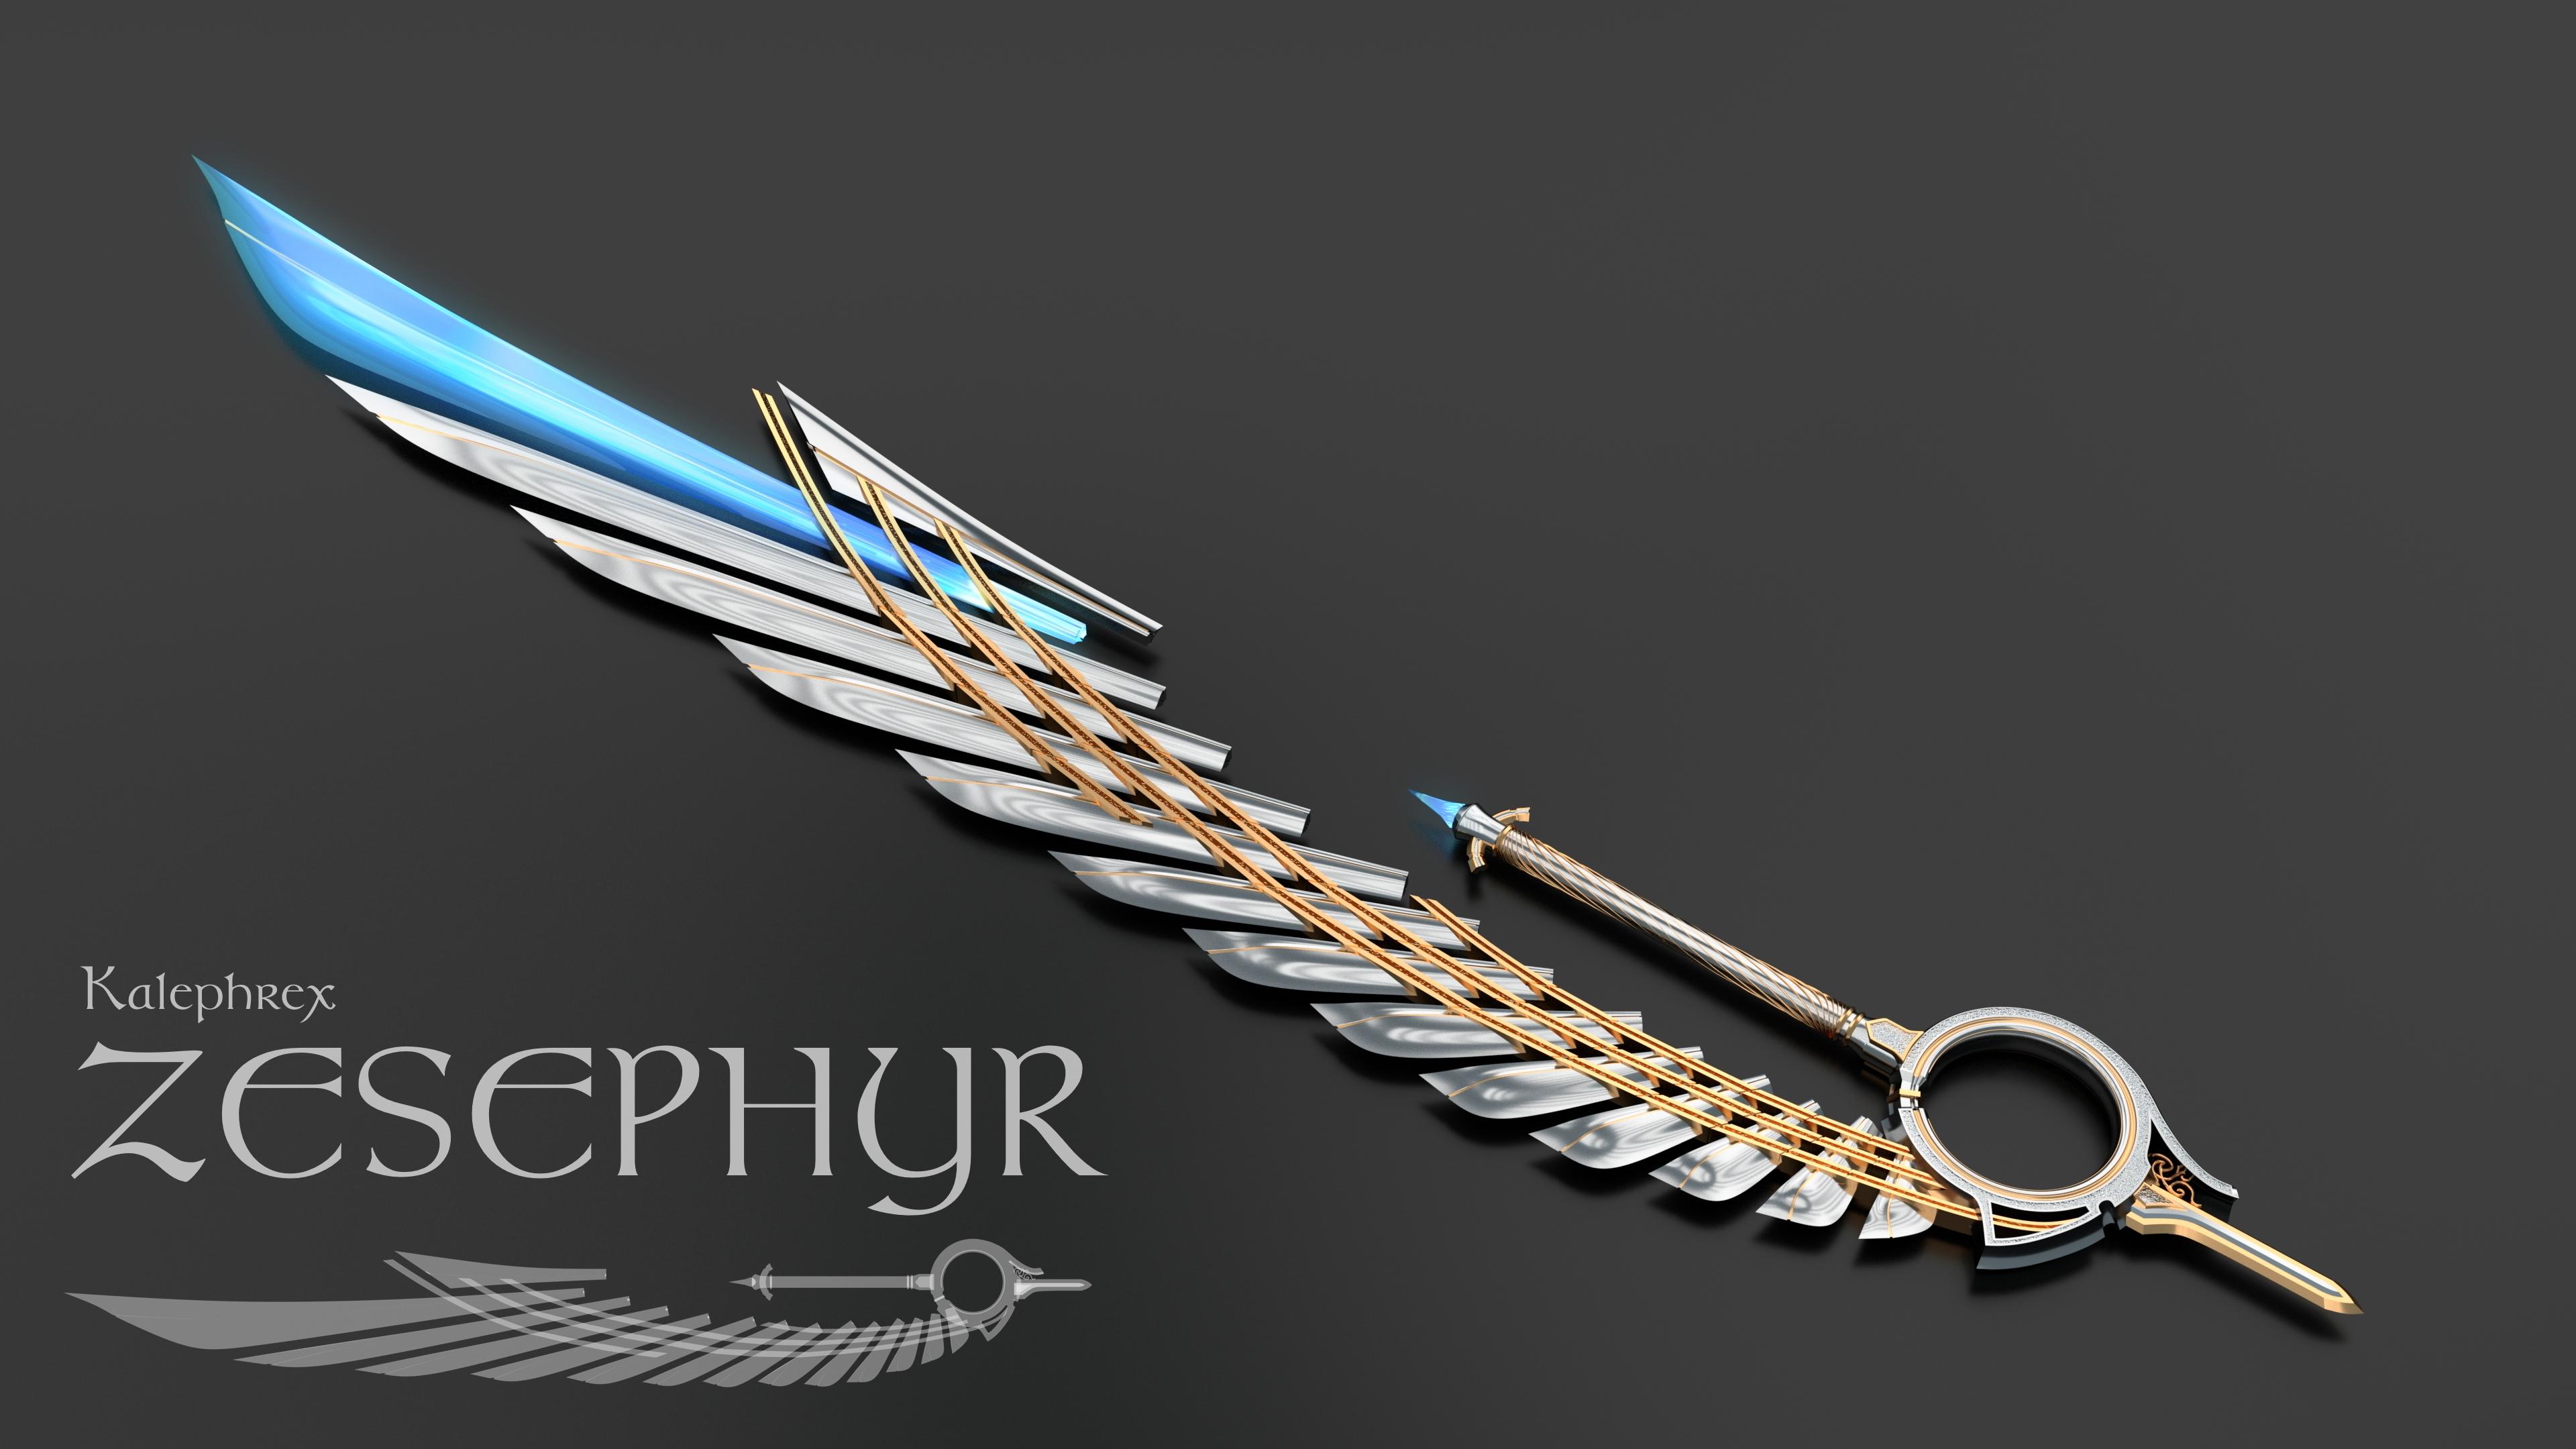 Zesephyr